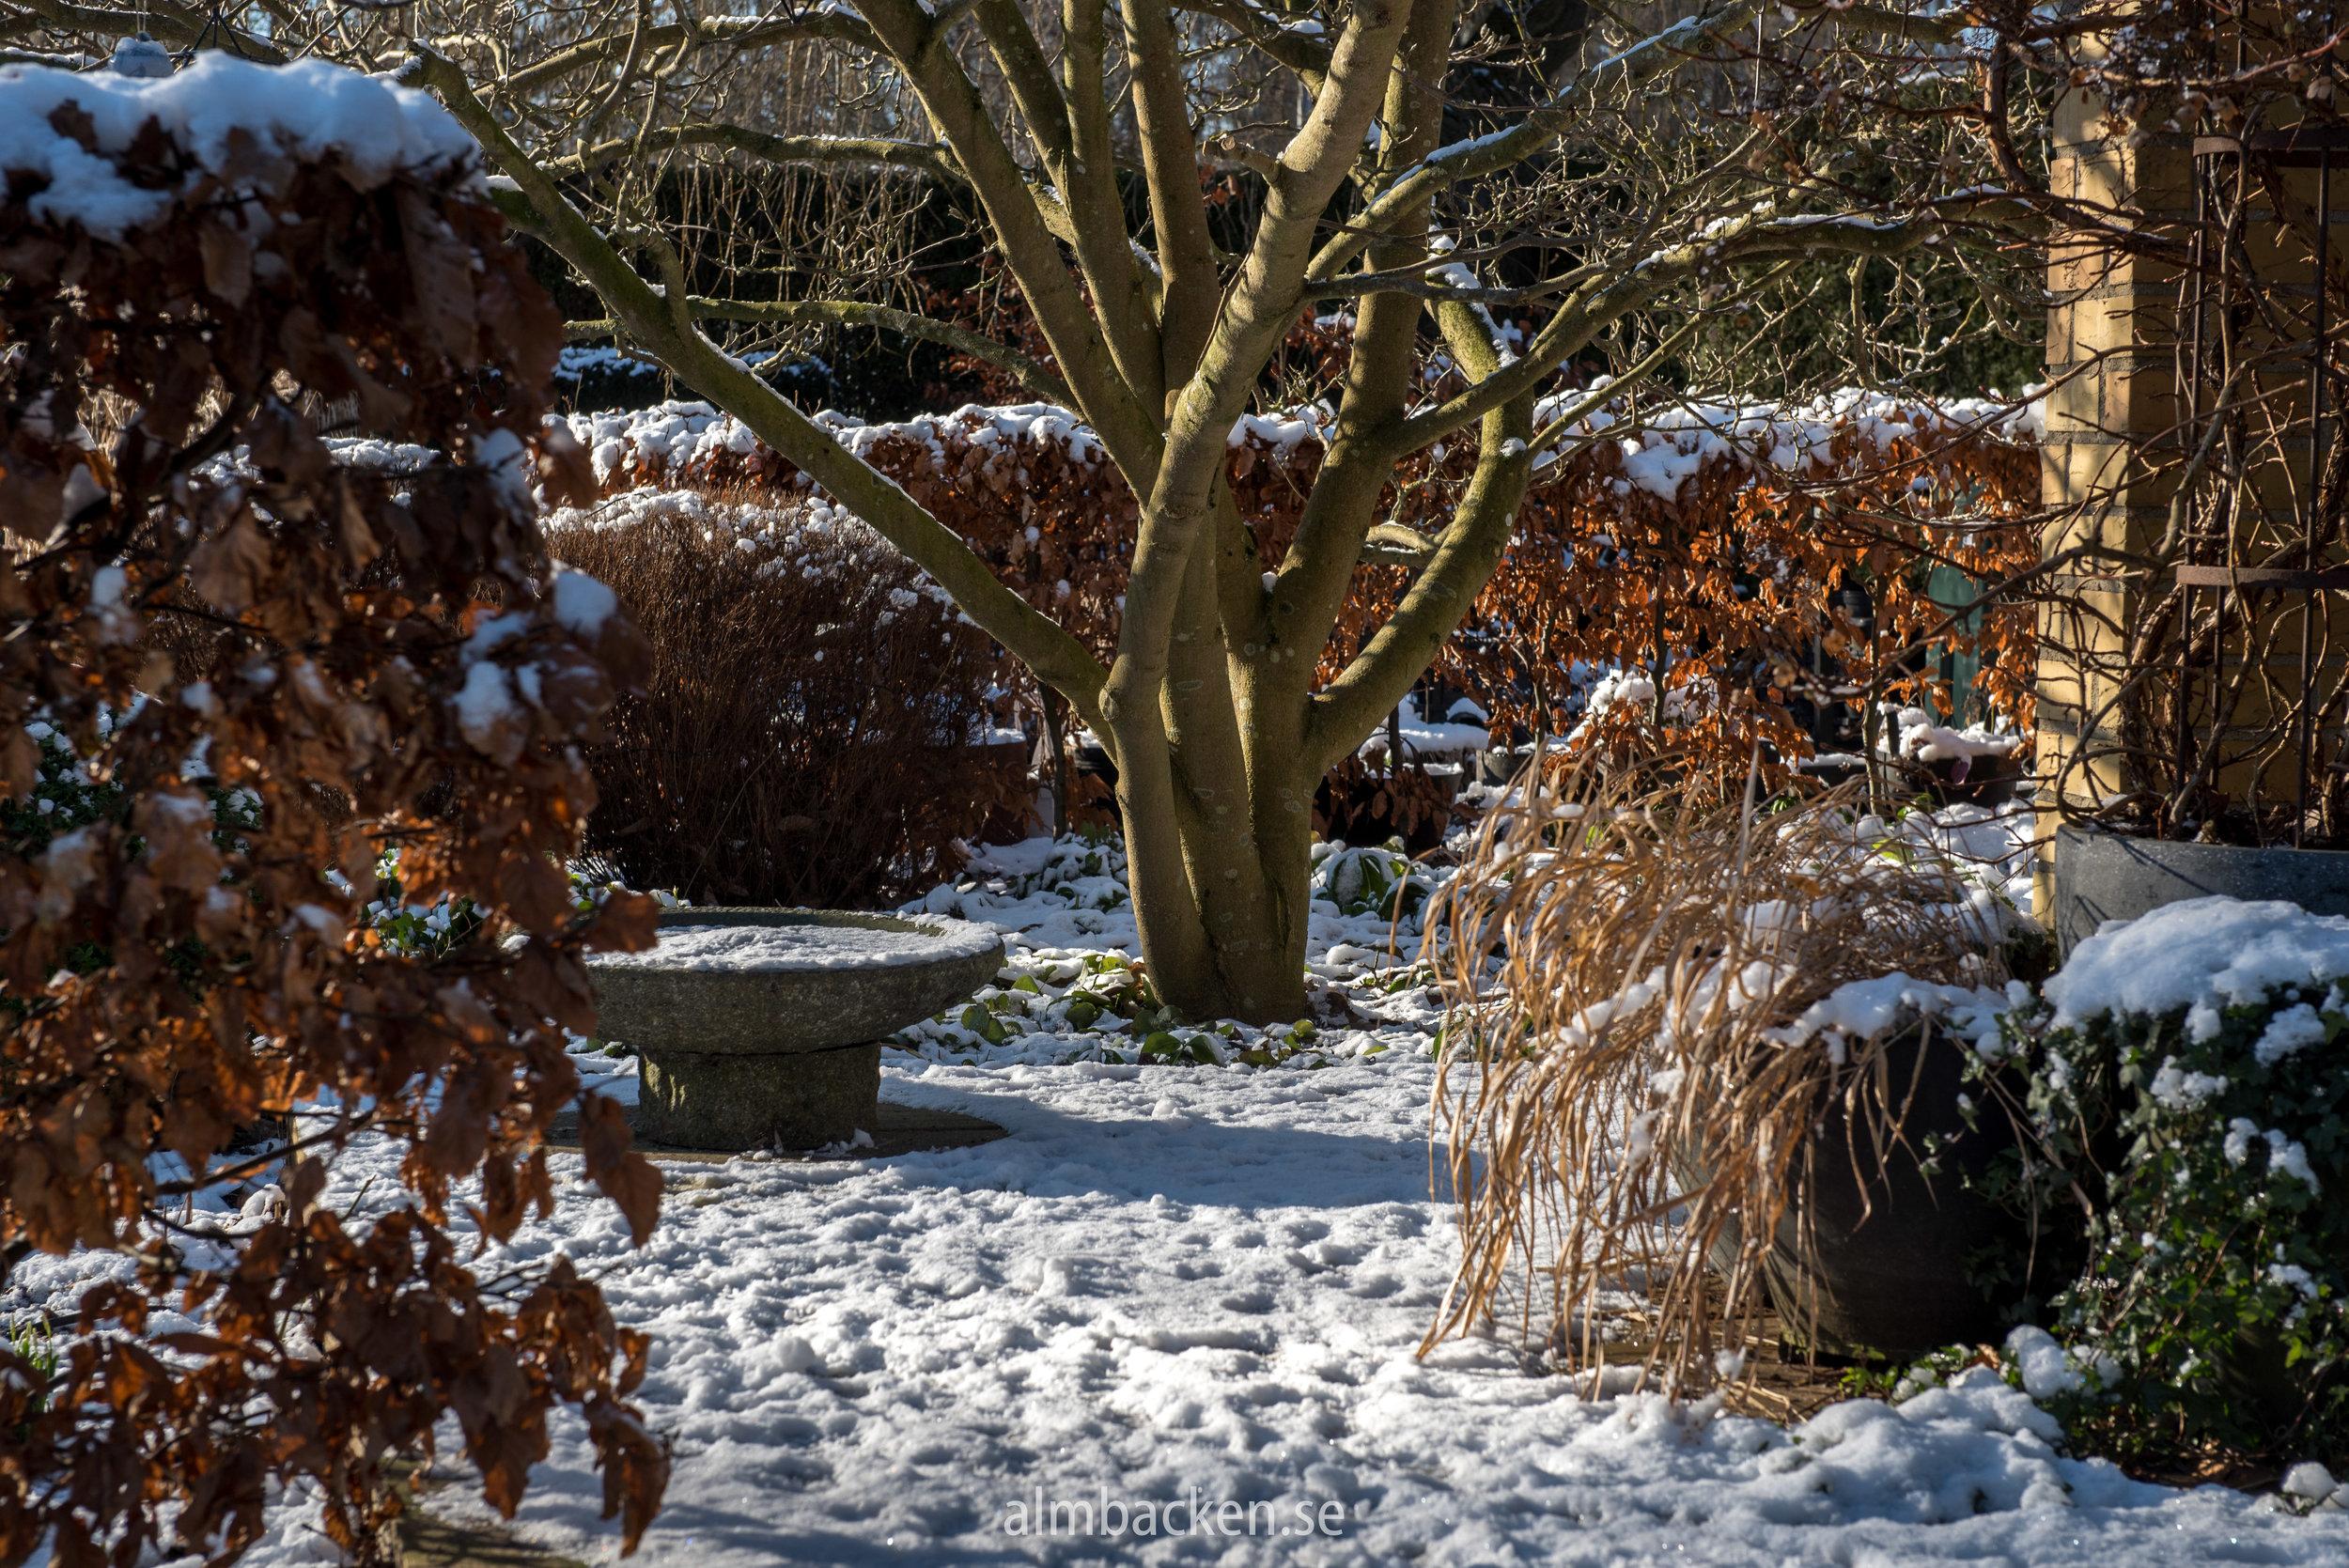 Almbacken-magnolia-bokhäck-4.jpg